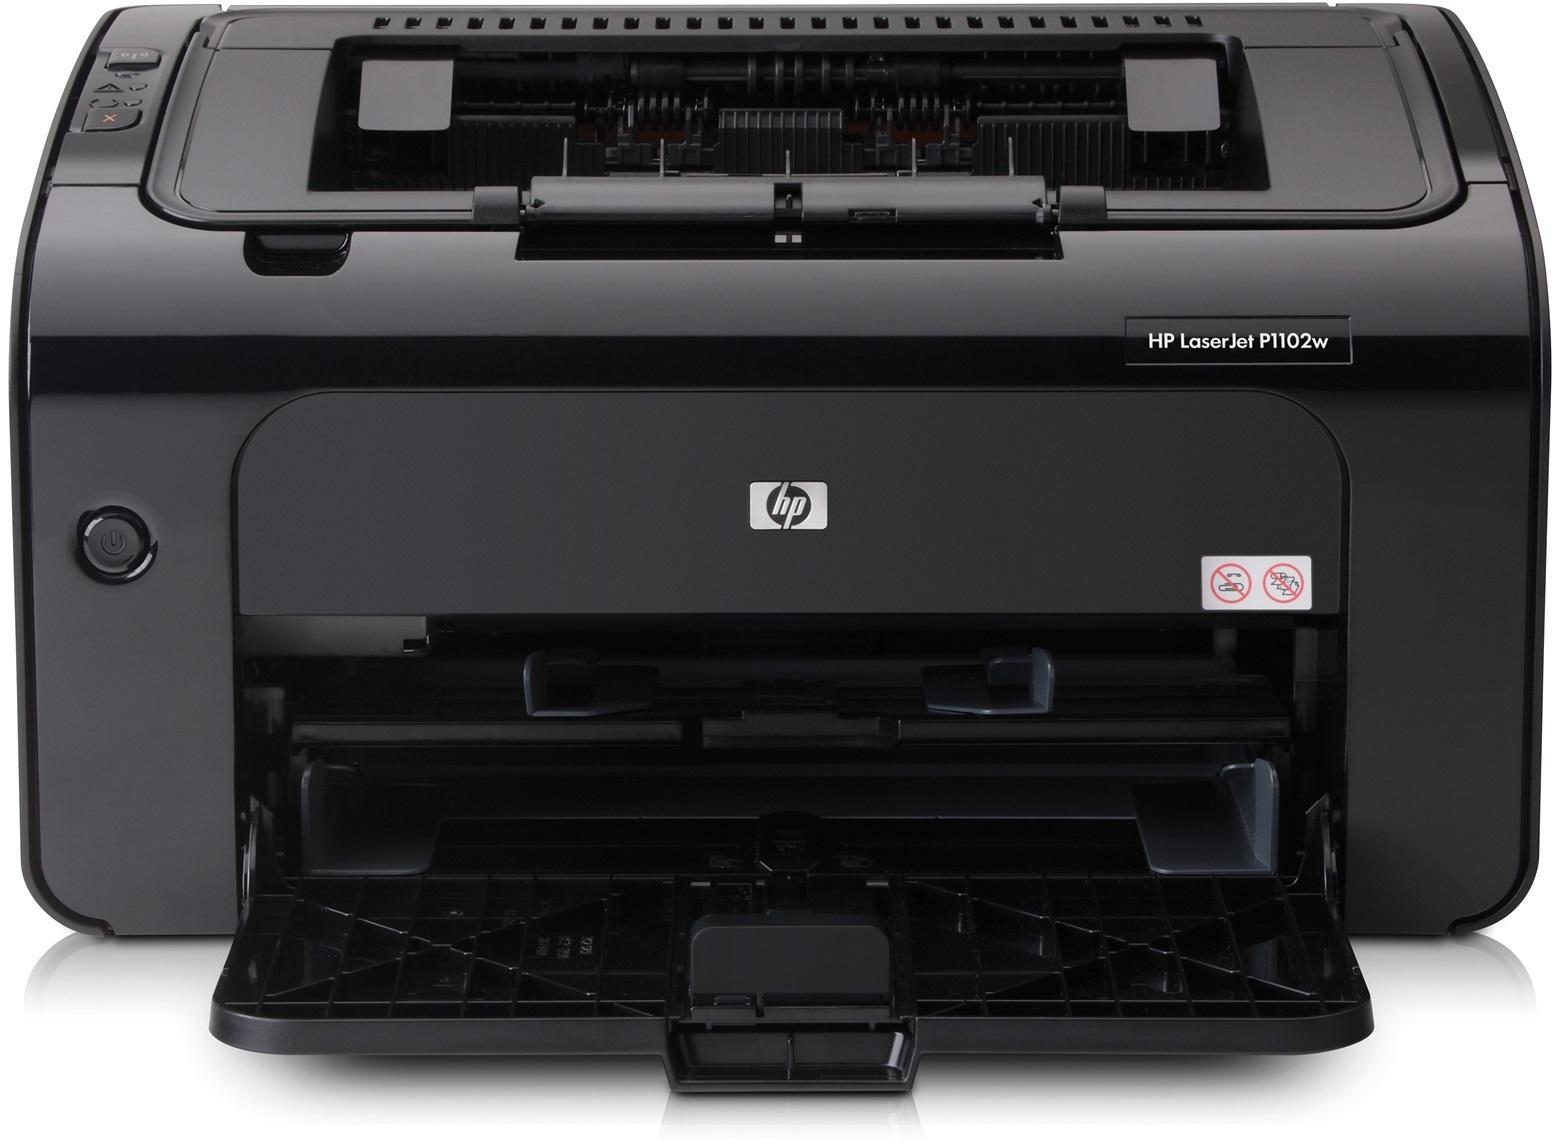 HP P1102W printer